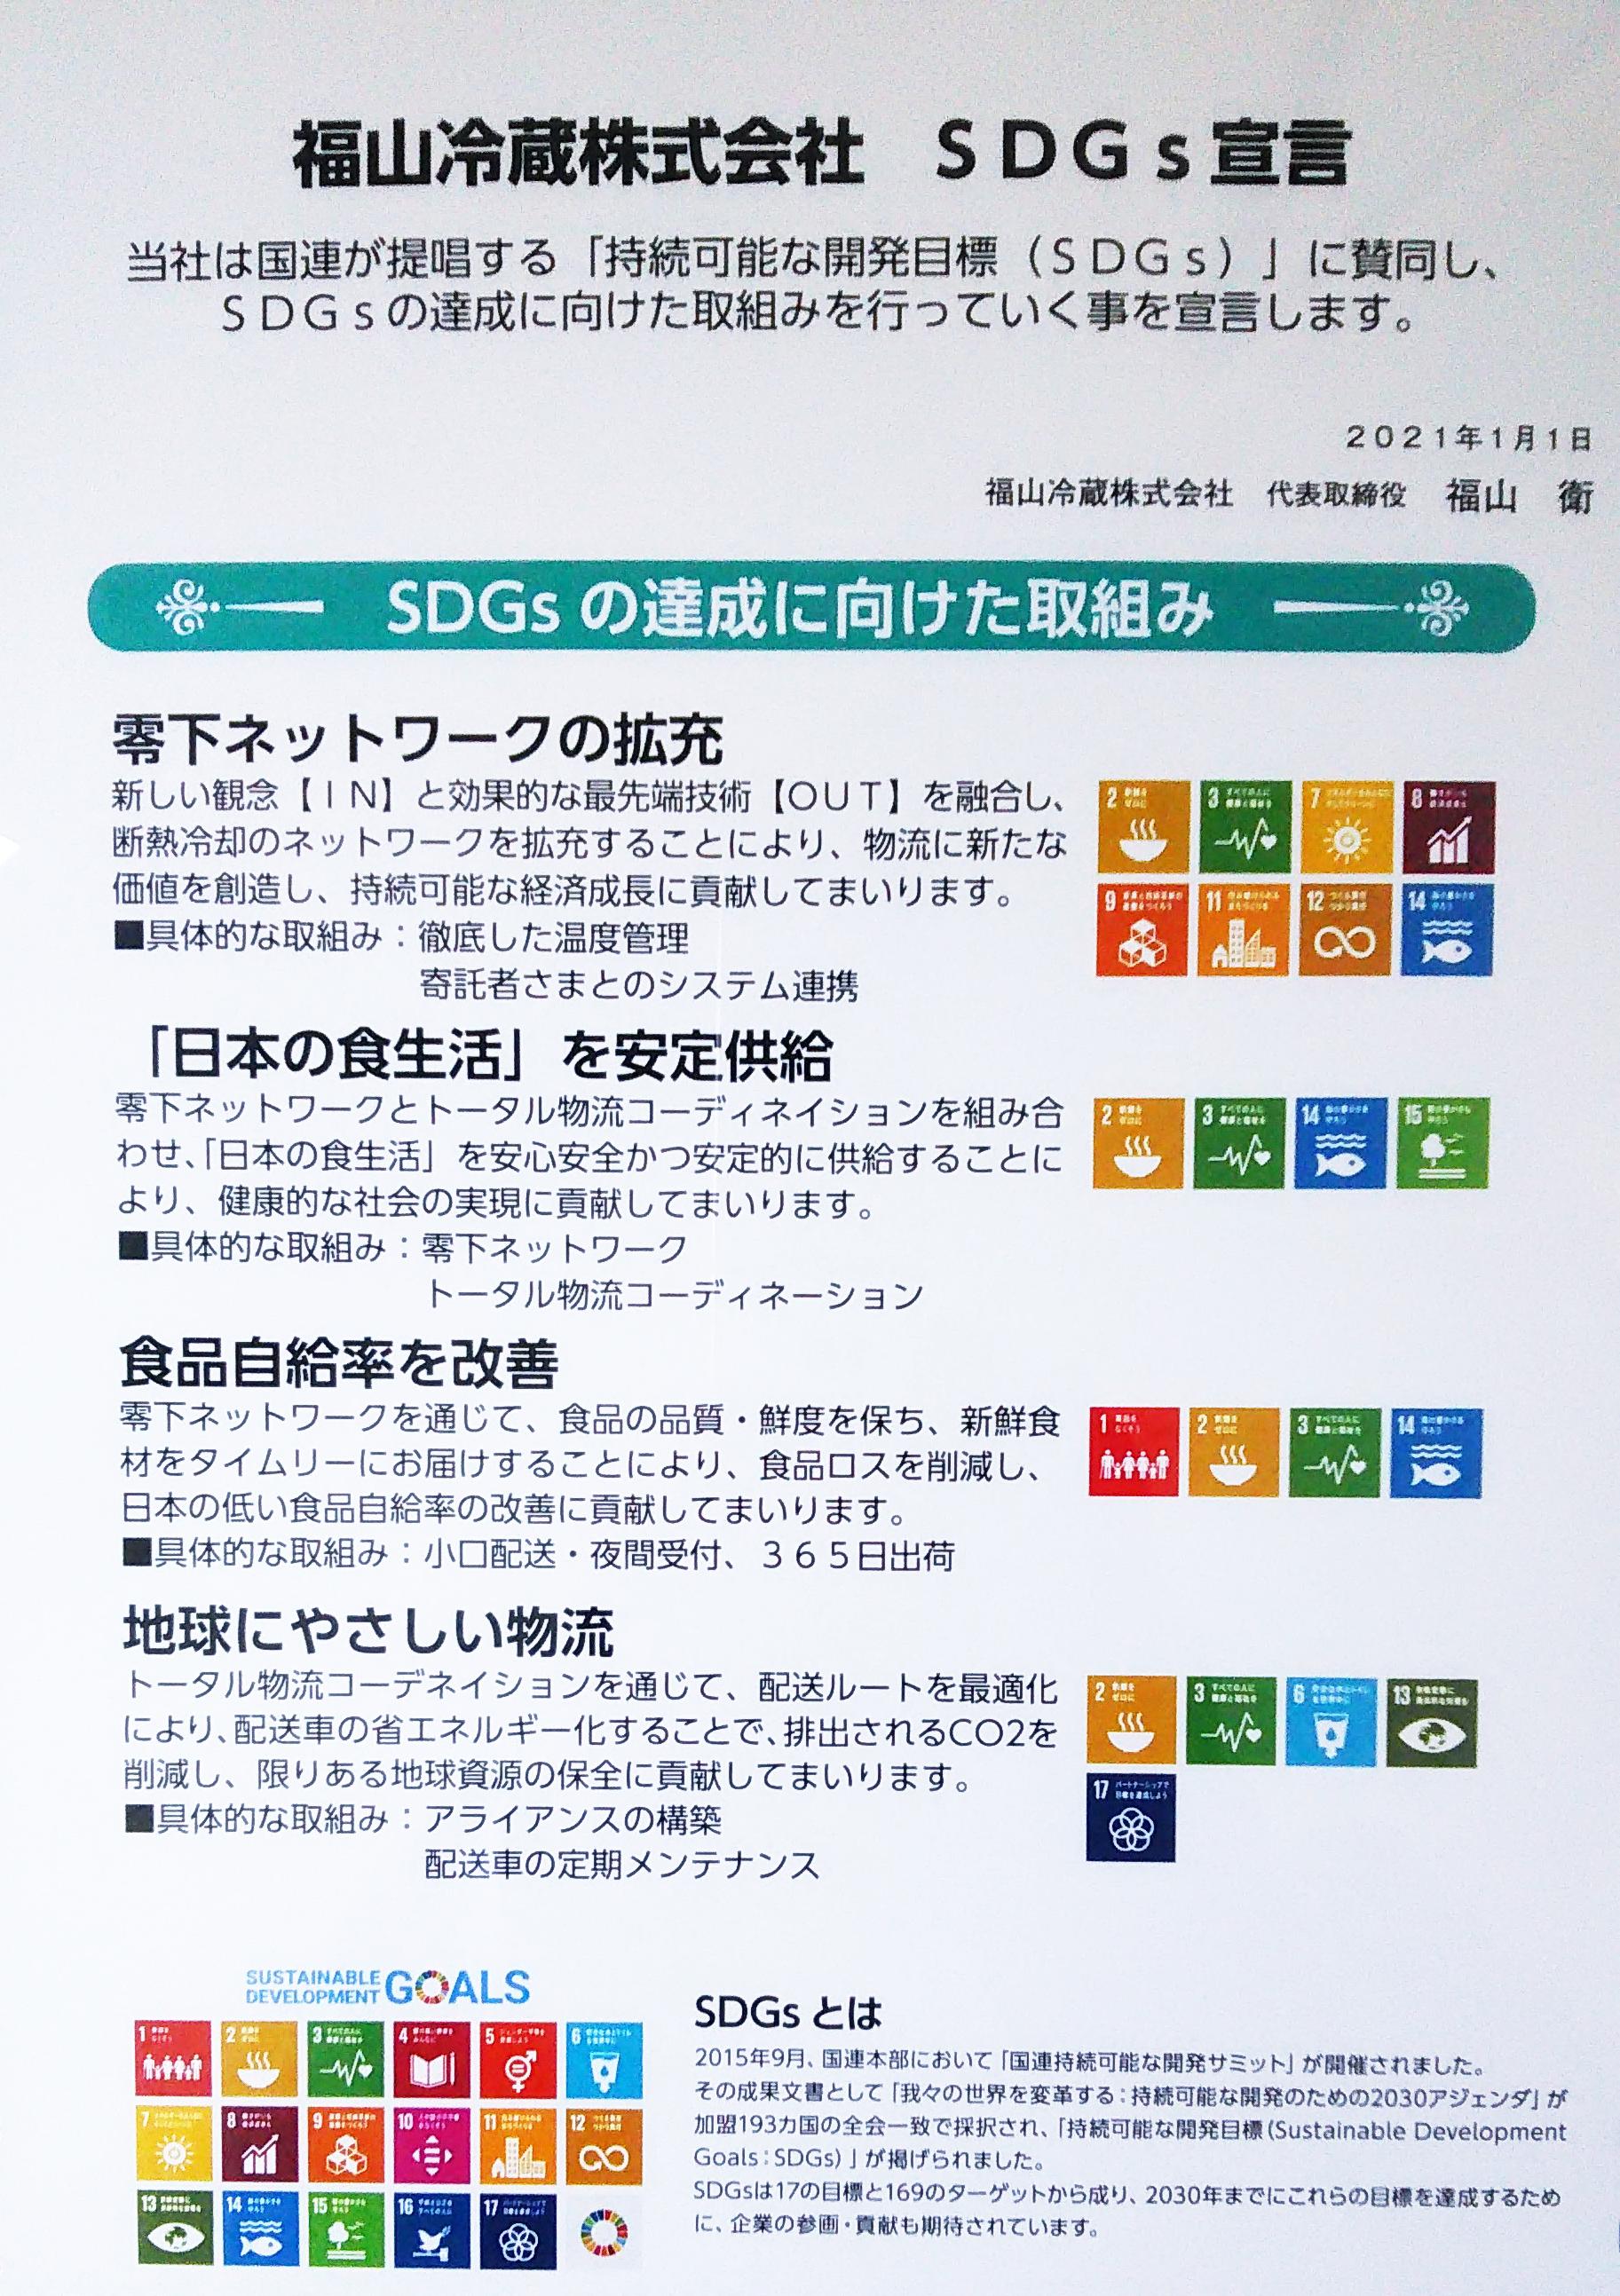 福山冷蔵株式会社 SDGs宣言